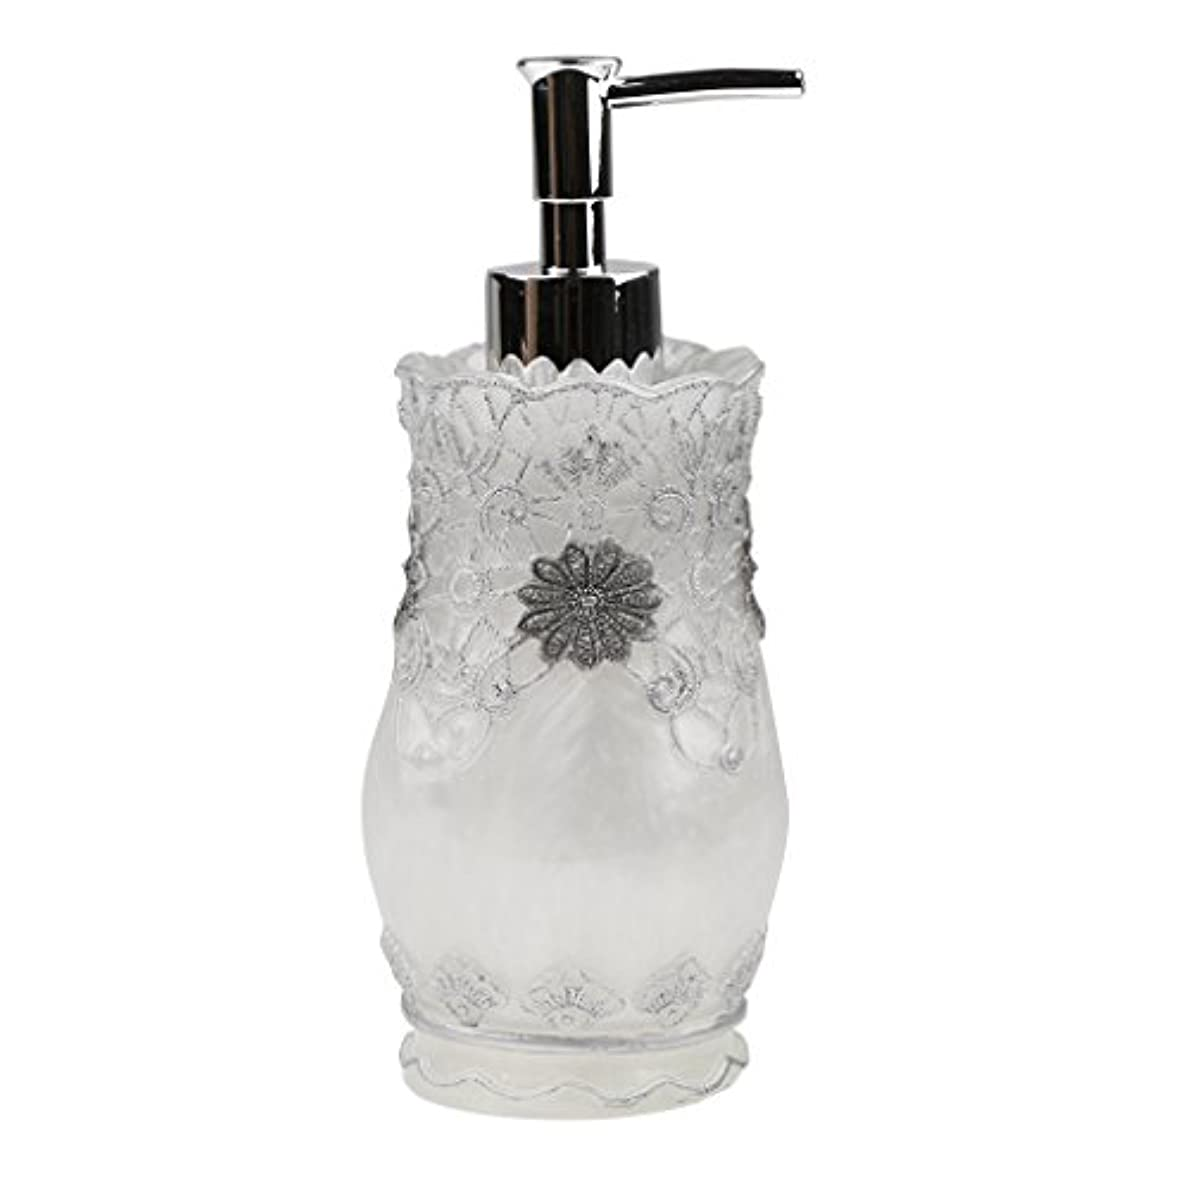 冷淡な同化水銀のHomyl 液体ソープ シャンプー用 空 シャンプー ボトル  詰め替えボトル 美しい エレガント デザイン  全4種類 - #2